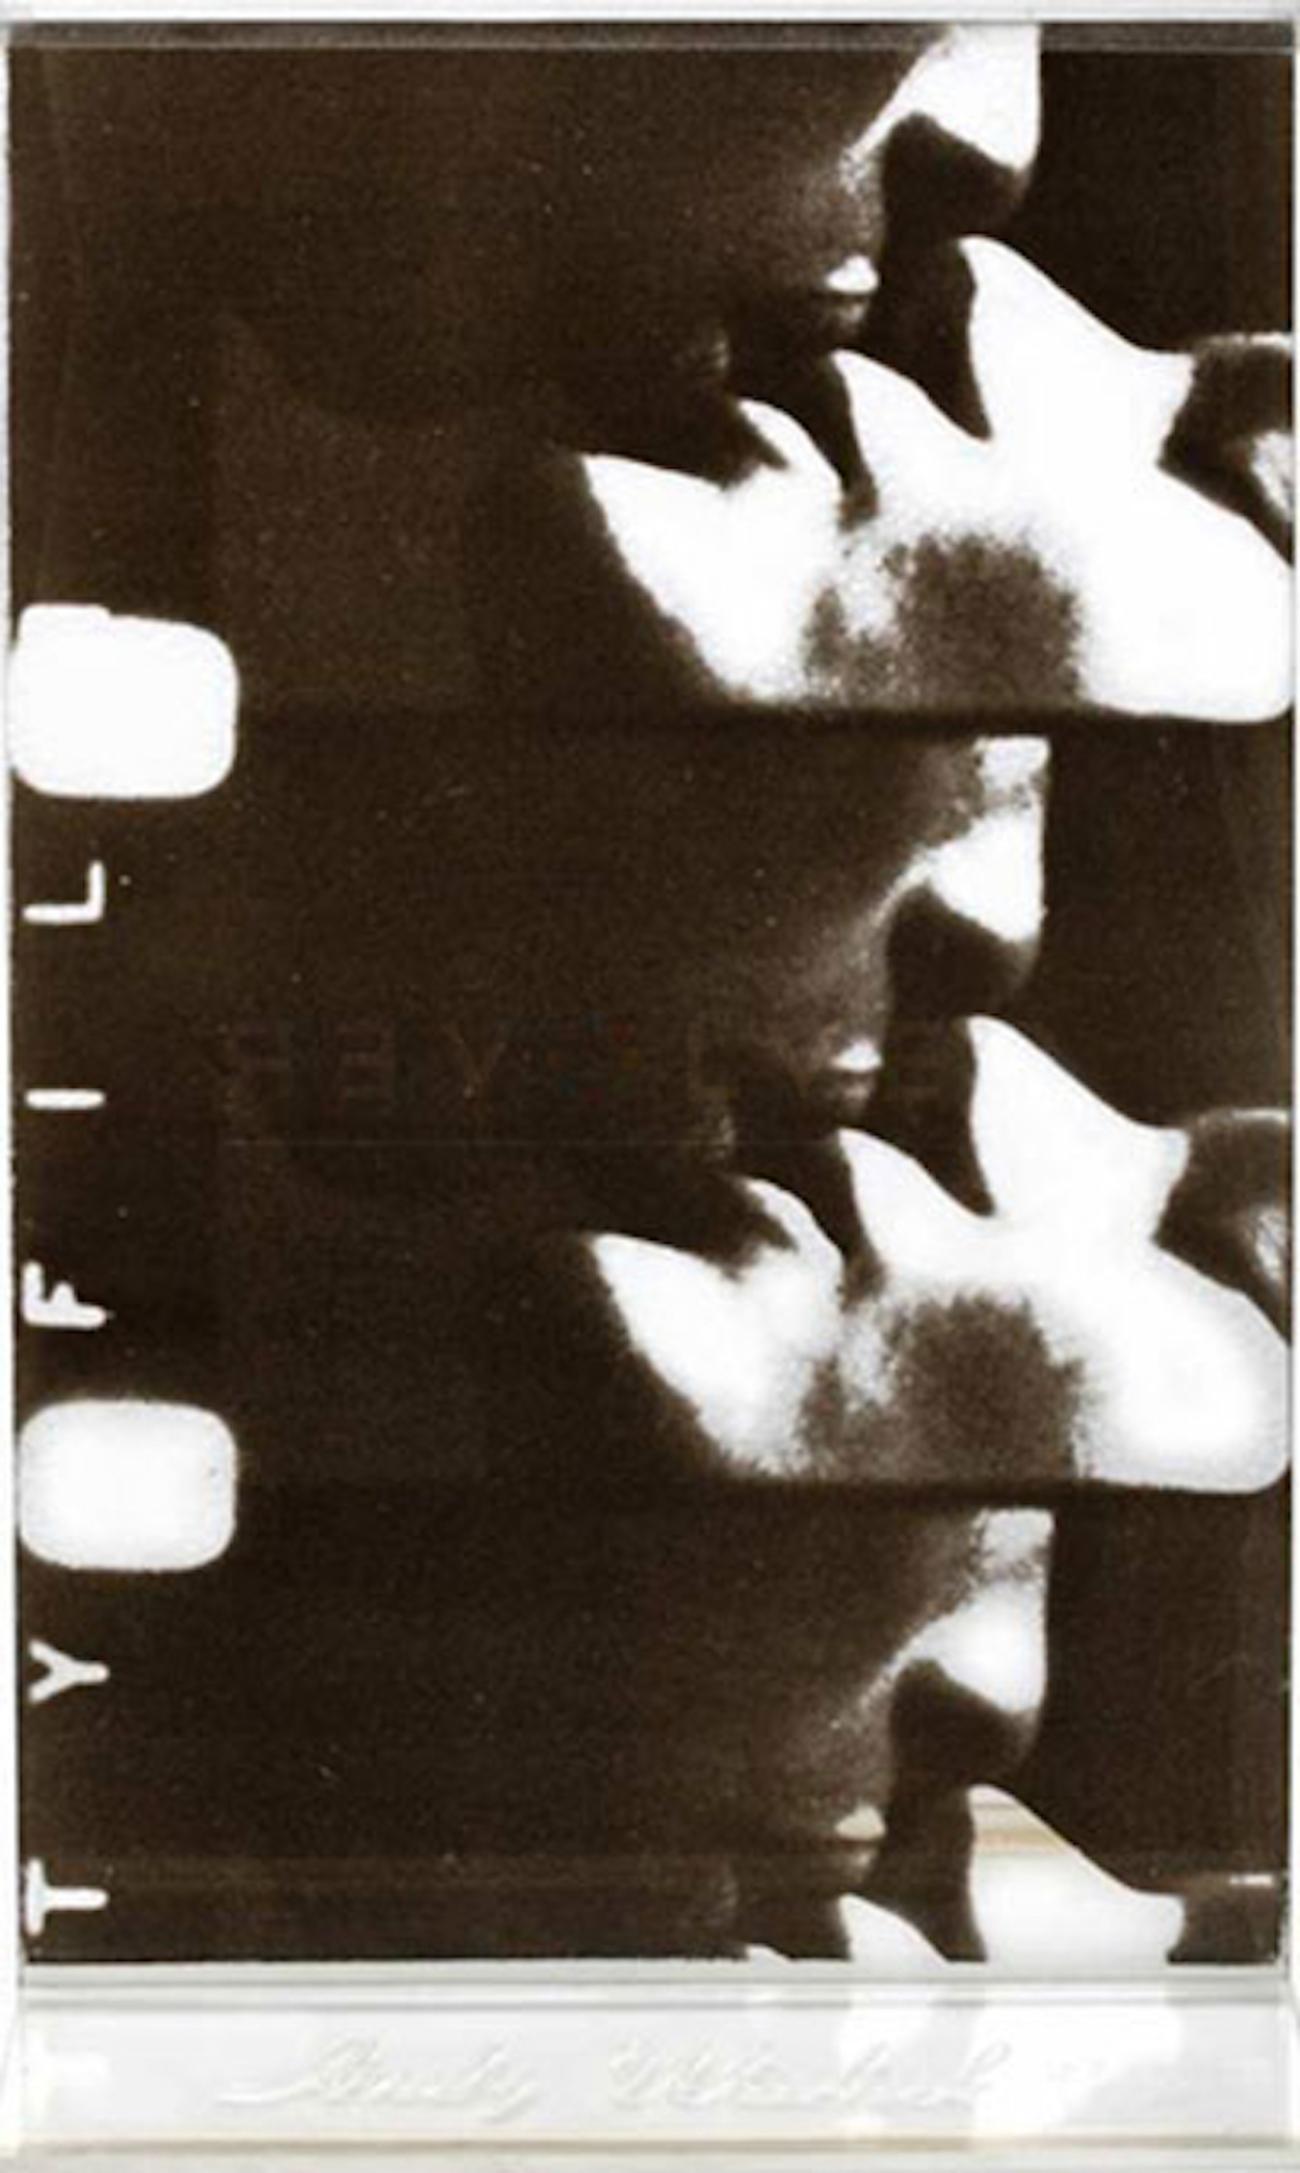 Kiss (fs Ii.8) by Andy Warhol